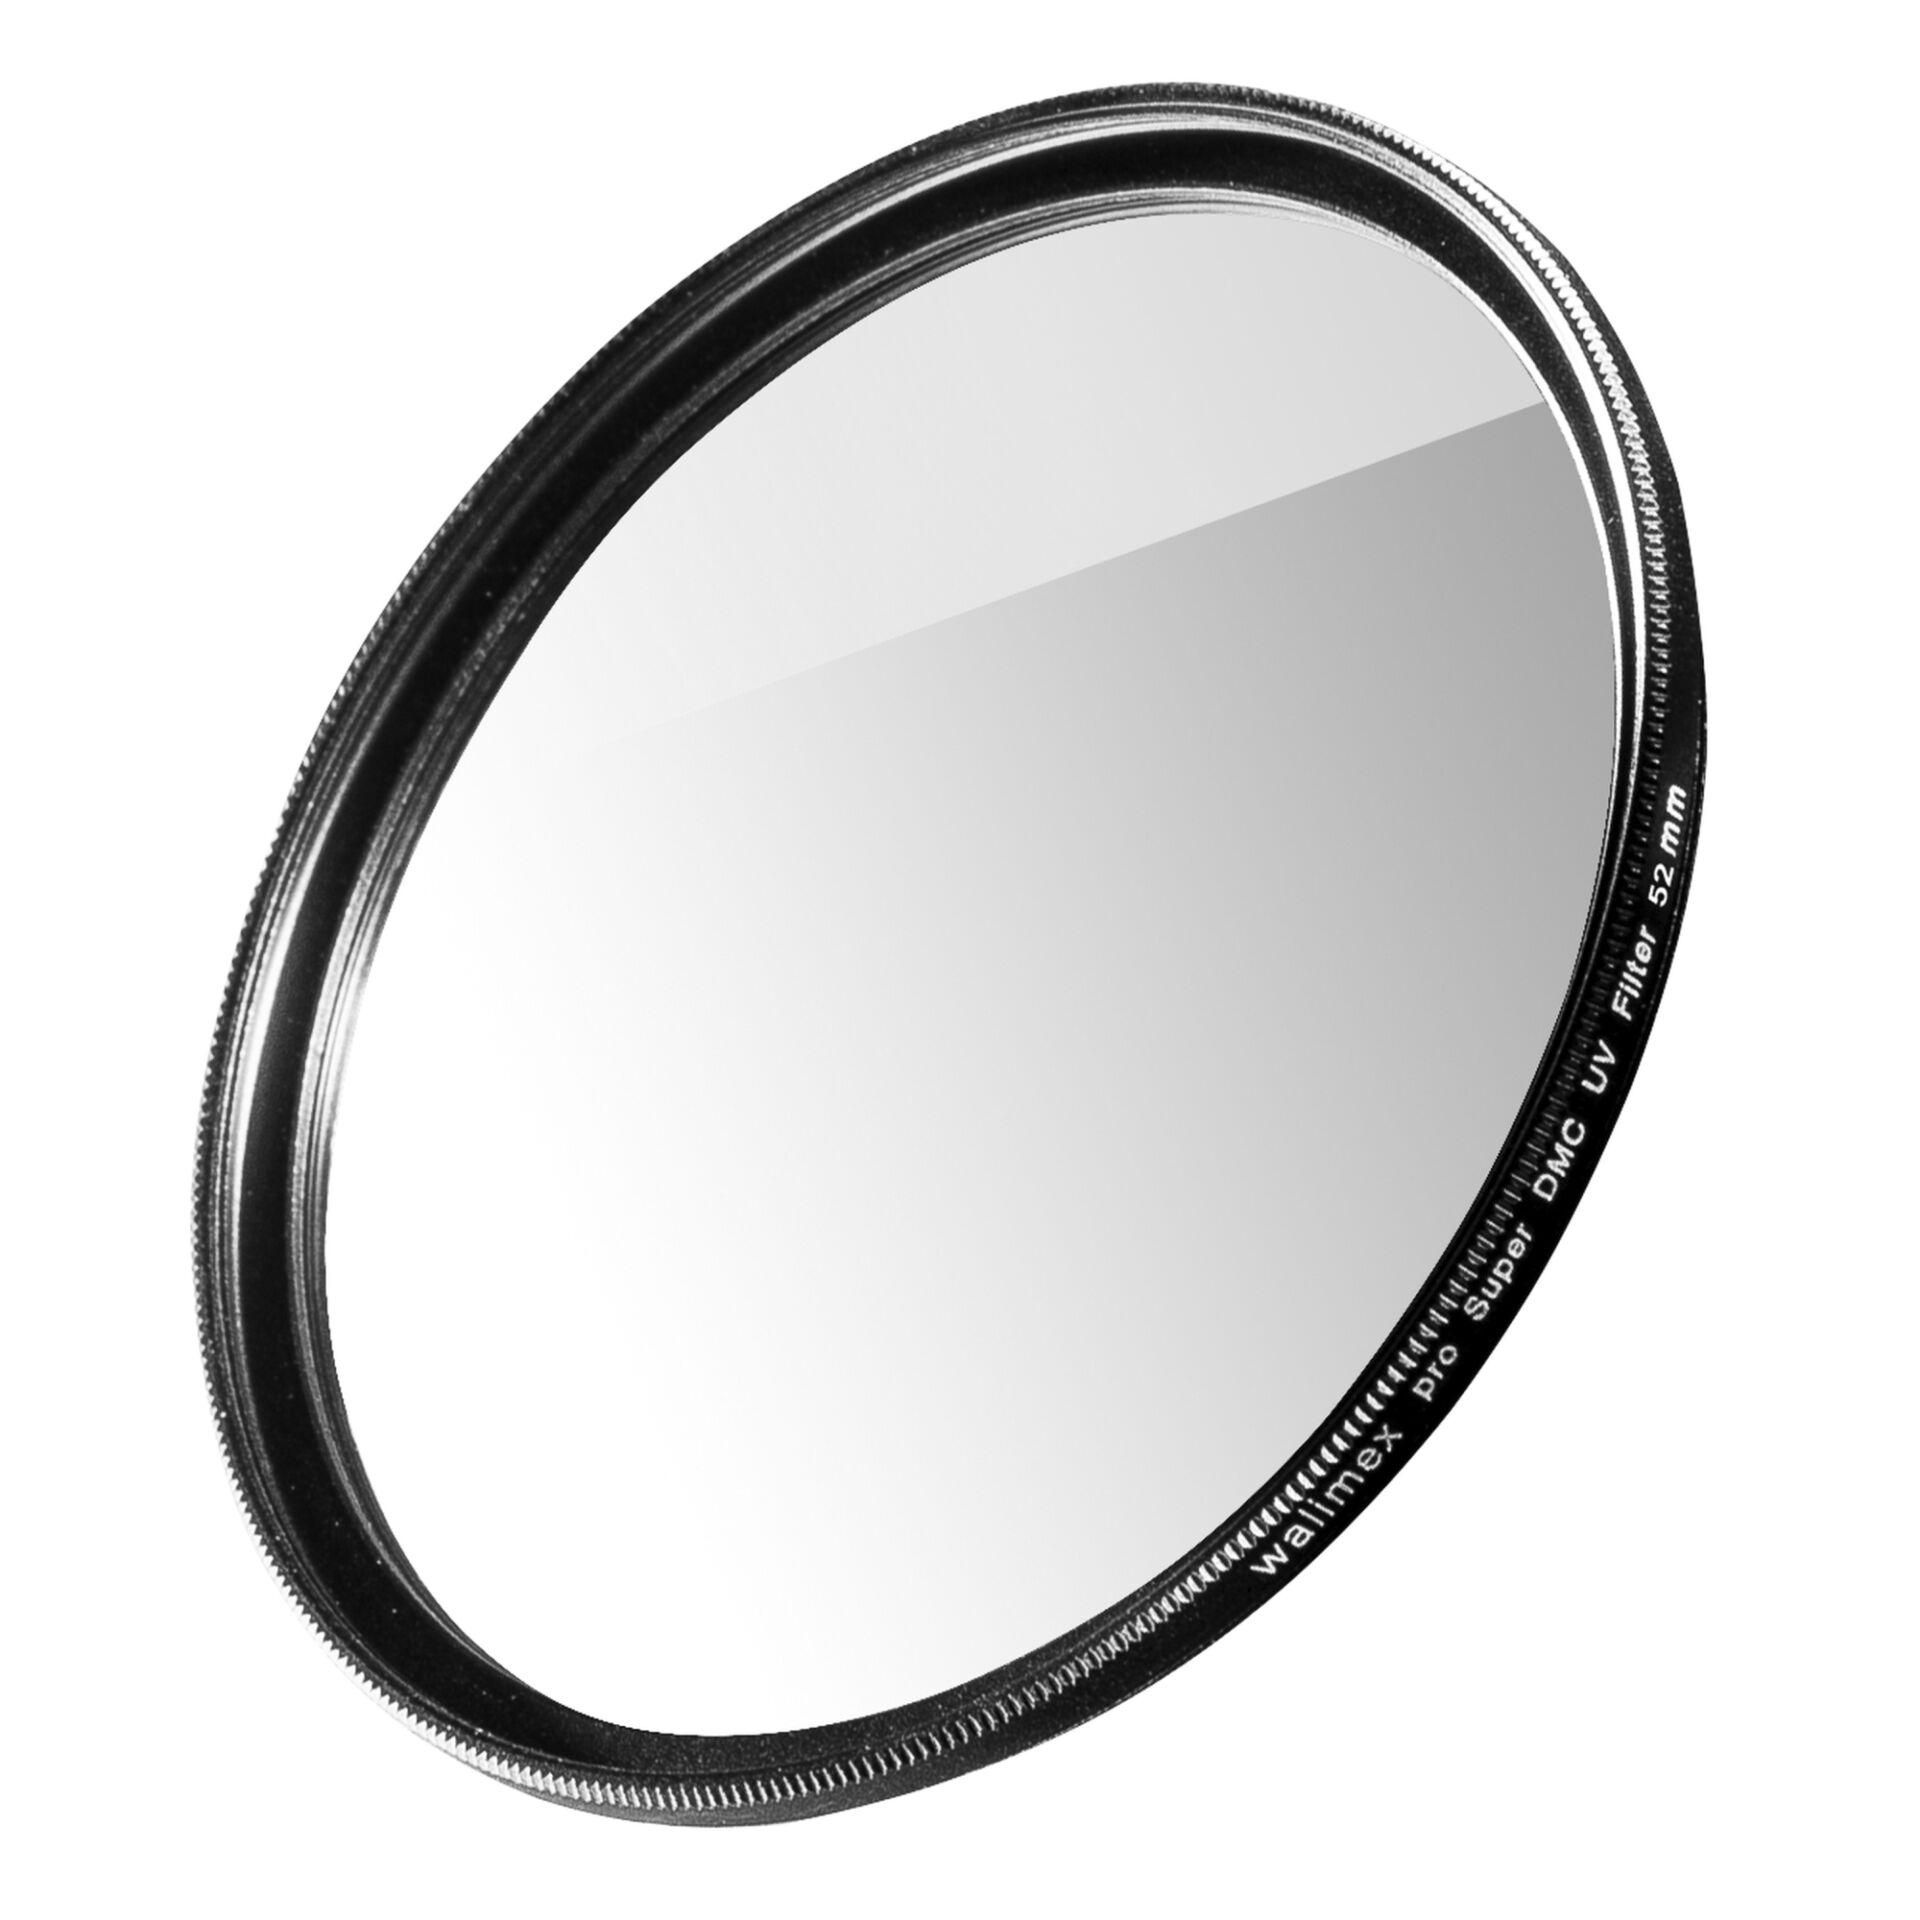 Walimex Pro UV Slim Super DMC 52mm